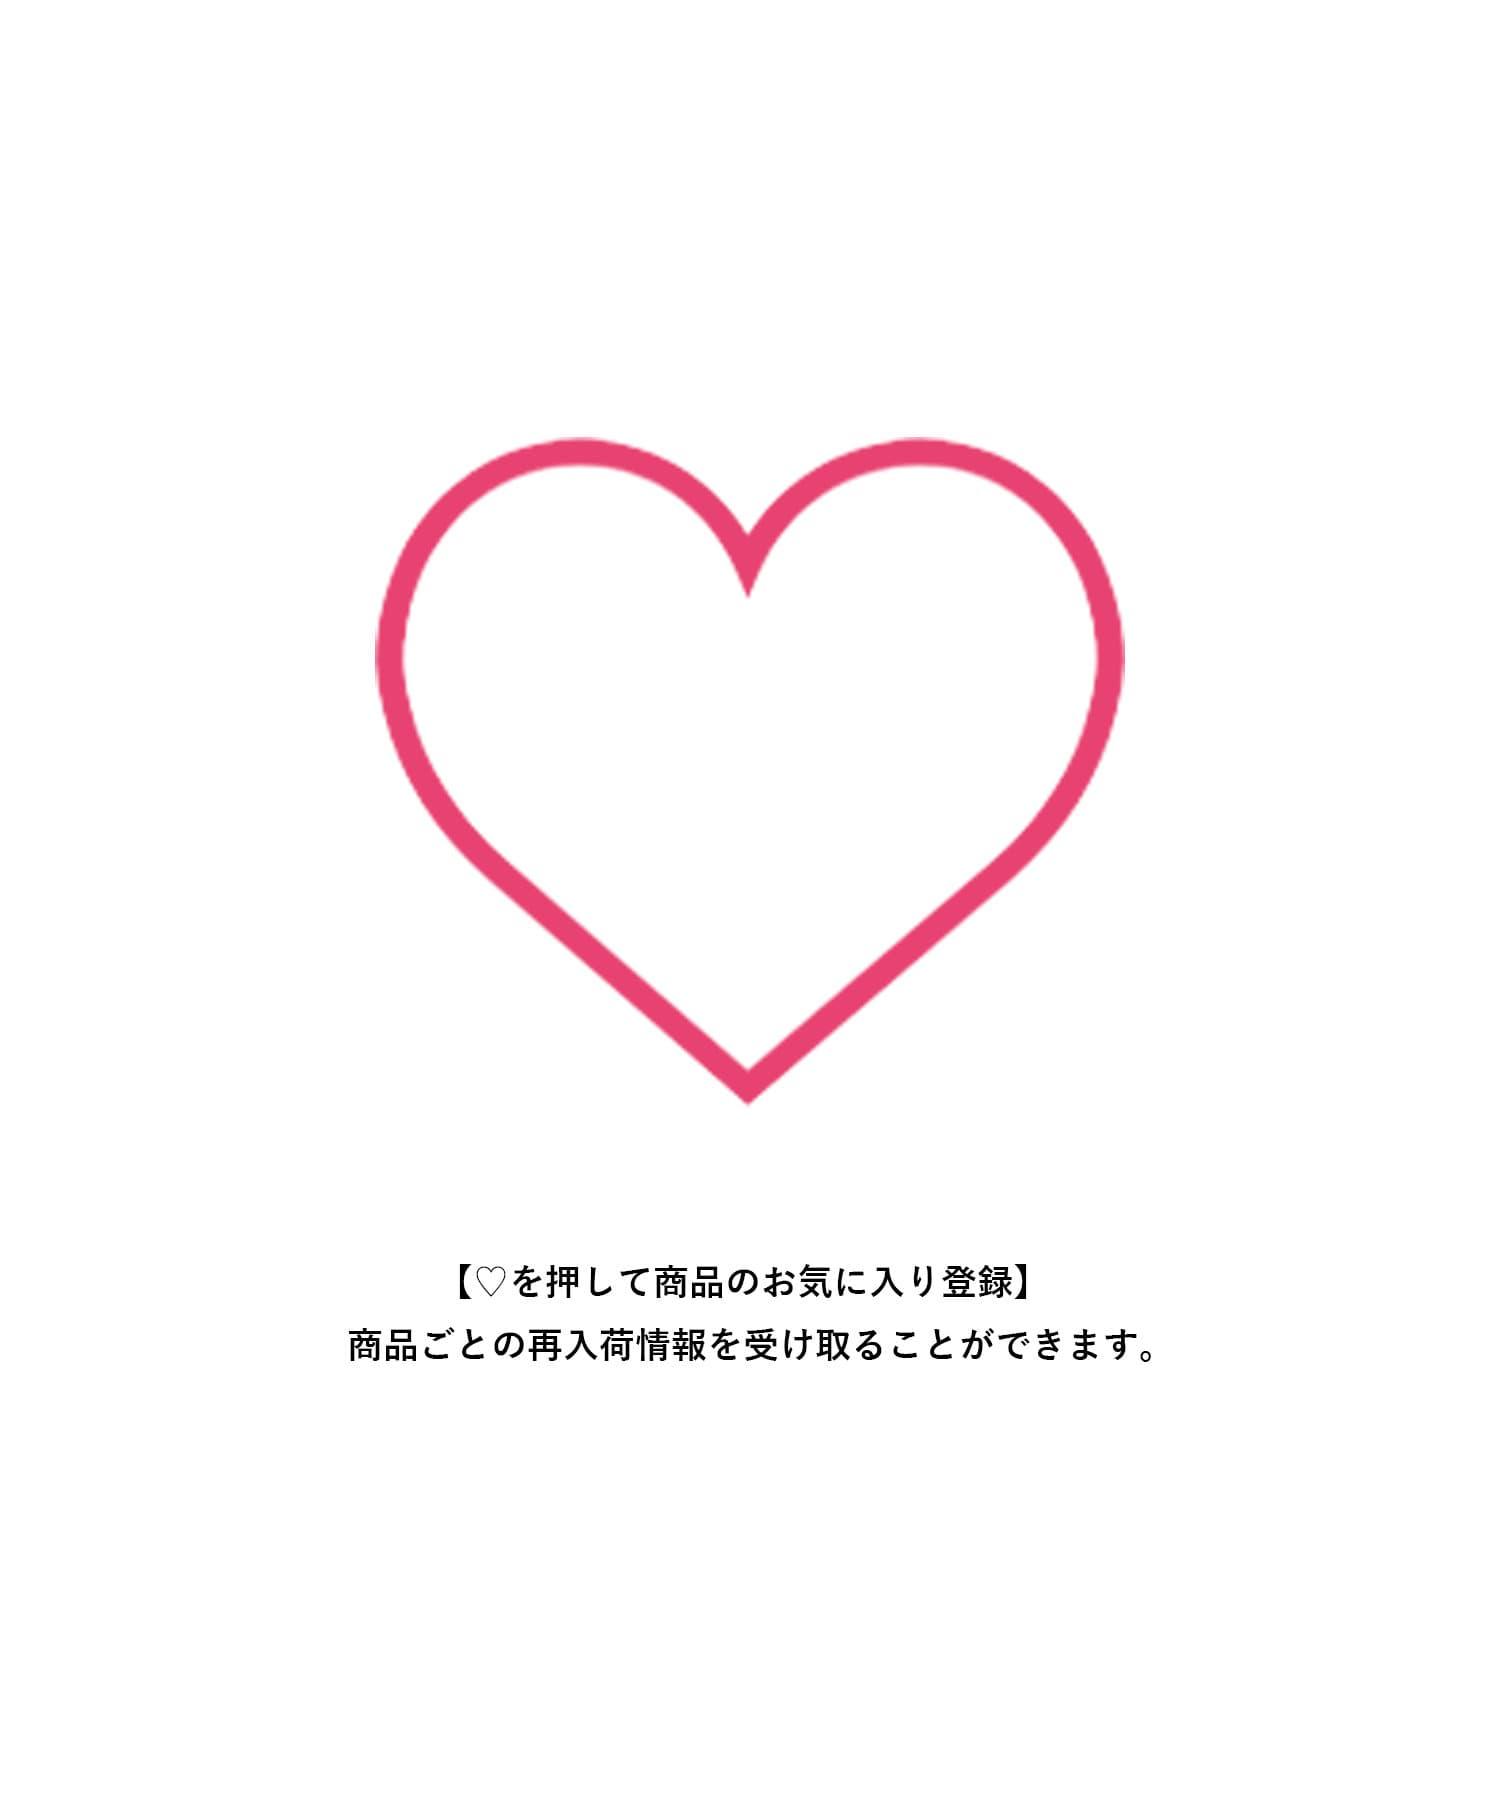 COLLAGE GALLARDAGALANTE(コラージュ ガリャルダガランテ) 【PAPILLONNER/パピヨネ】刺繍付け襟